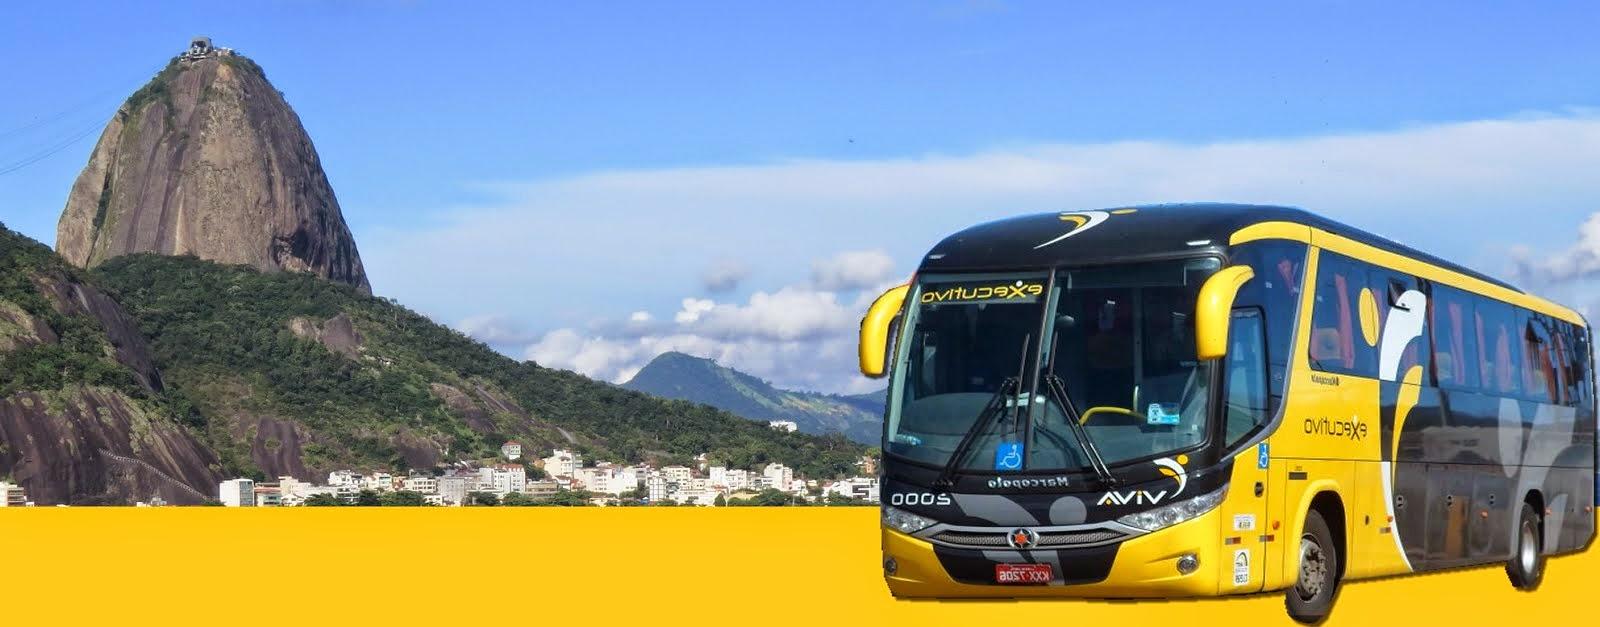 Alugue um ônibus turismo e fretamento